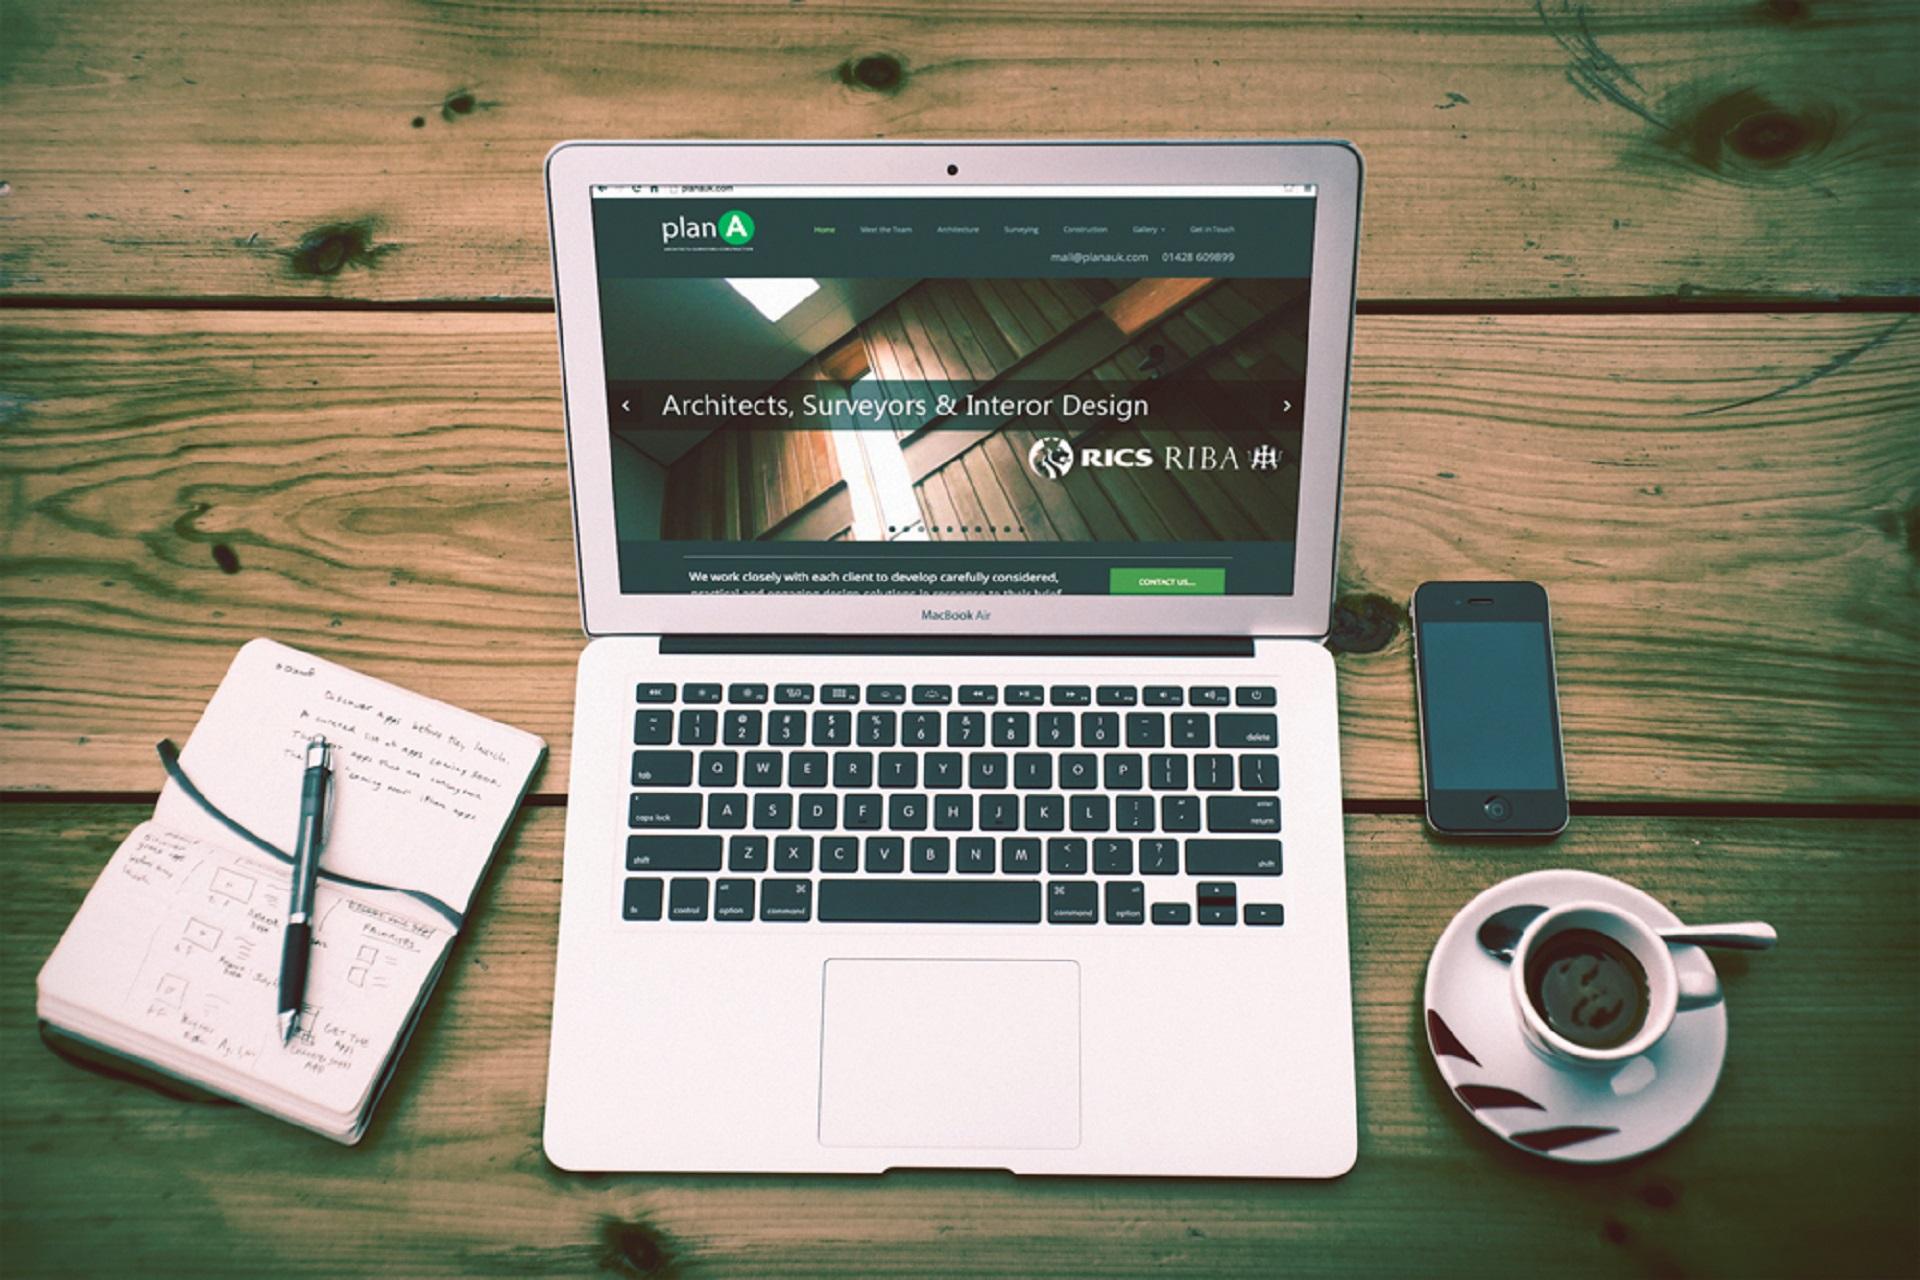 9 bước cho kế hoạch kinh doanh online xuất sắc vượt qua mọi đối thủ